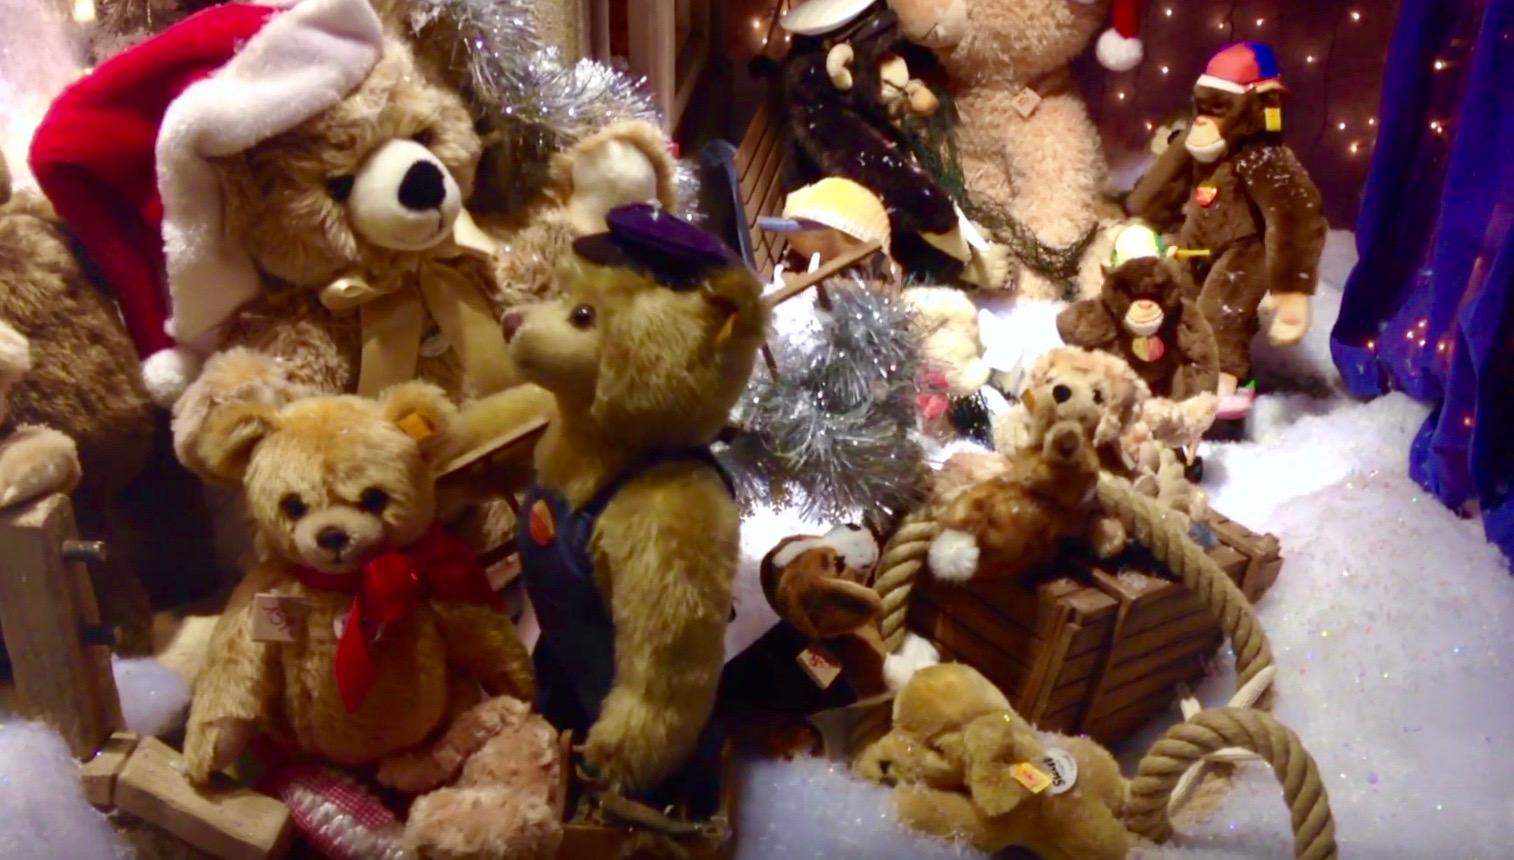 Stofftier-Weihnachten: Schaufenster-Szene